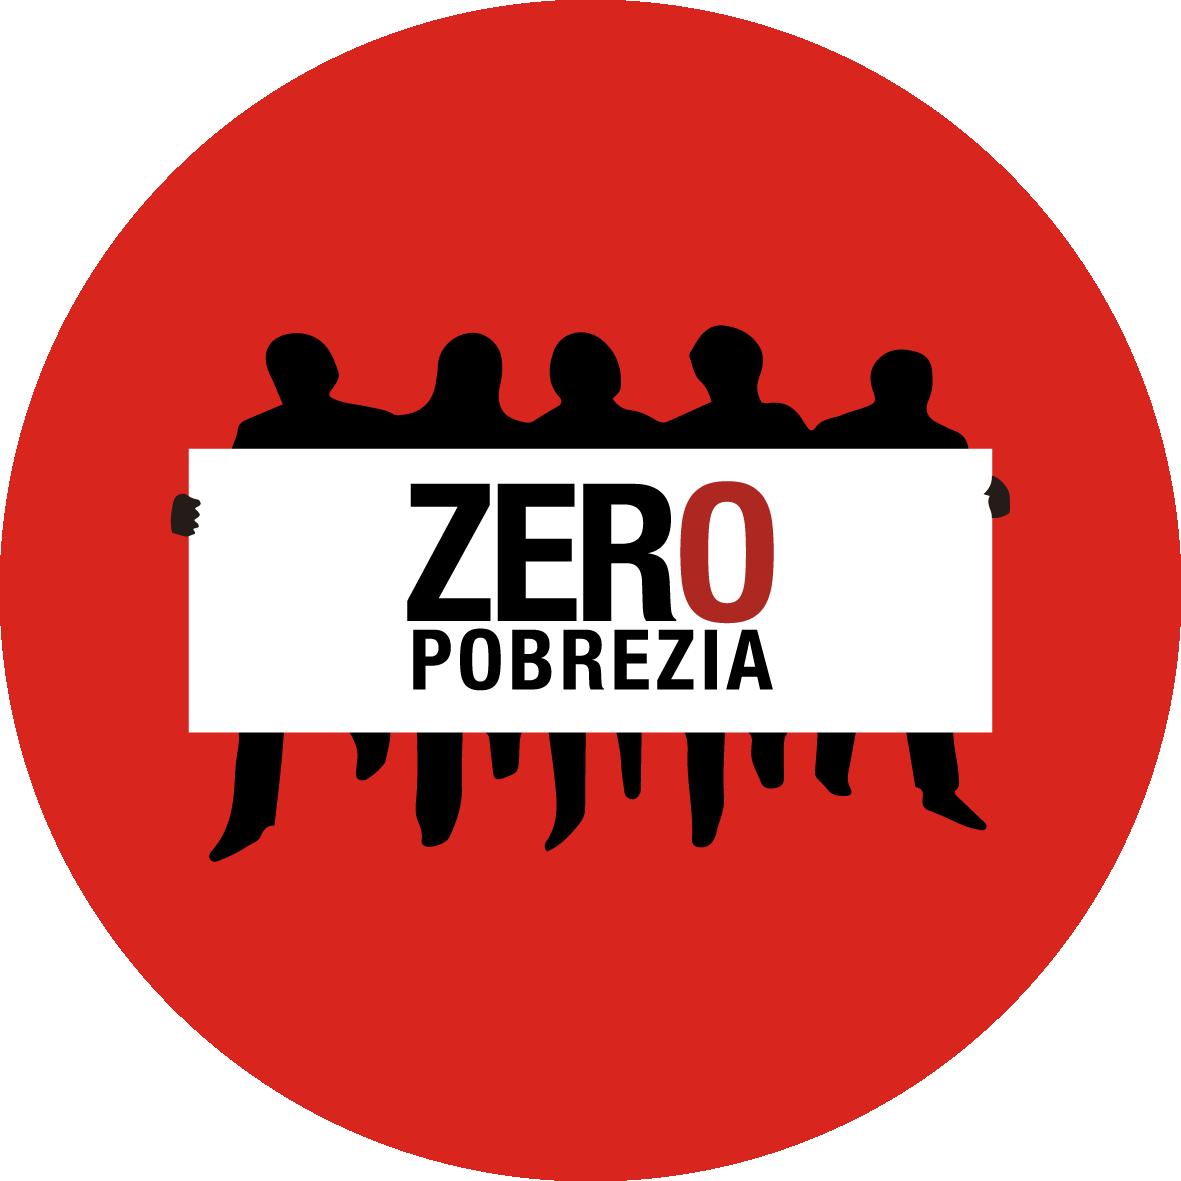 aliadas_zero_pobrezia